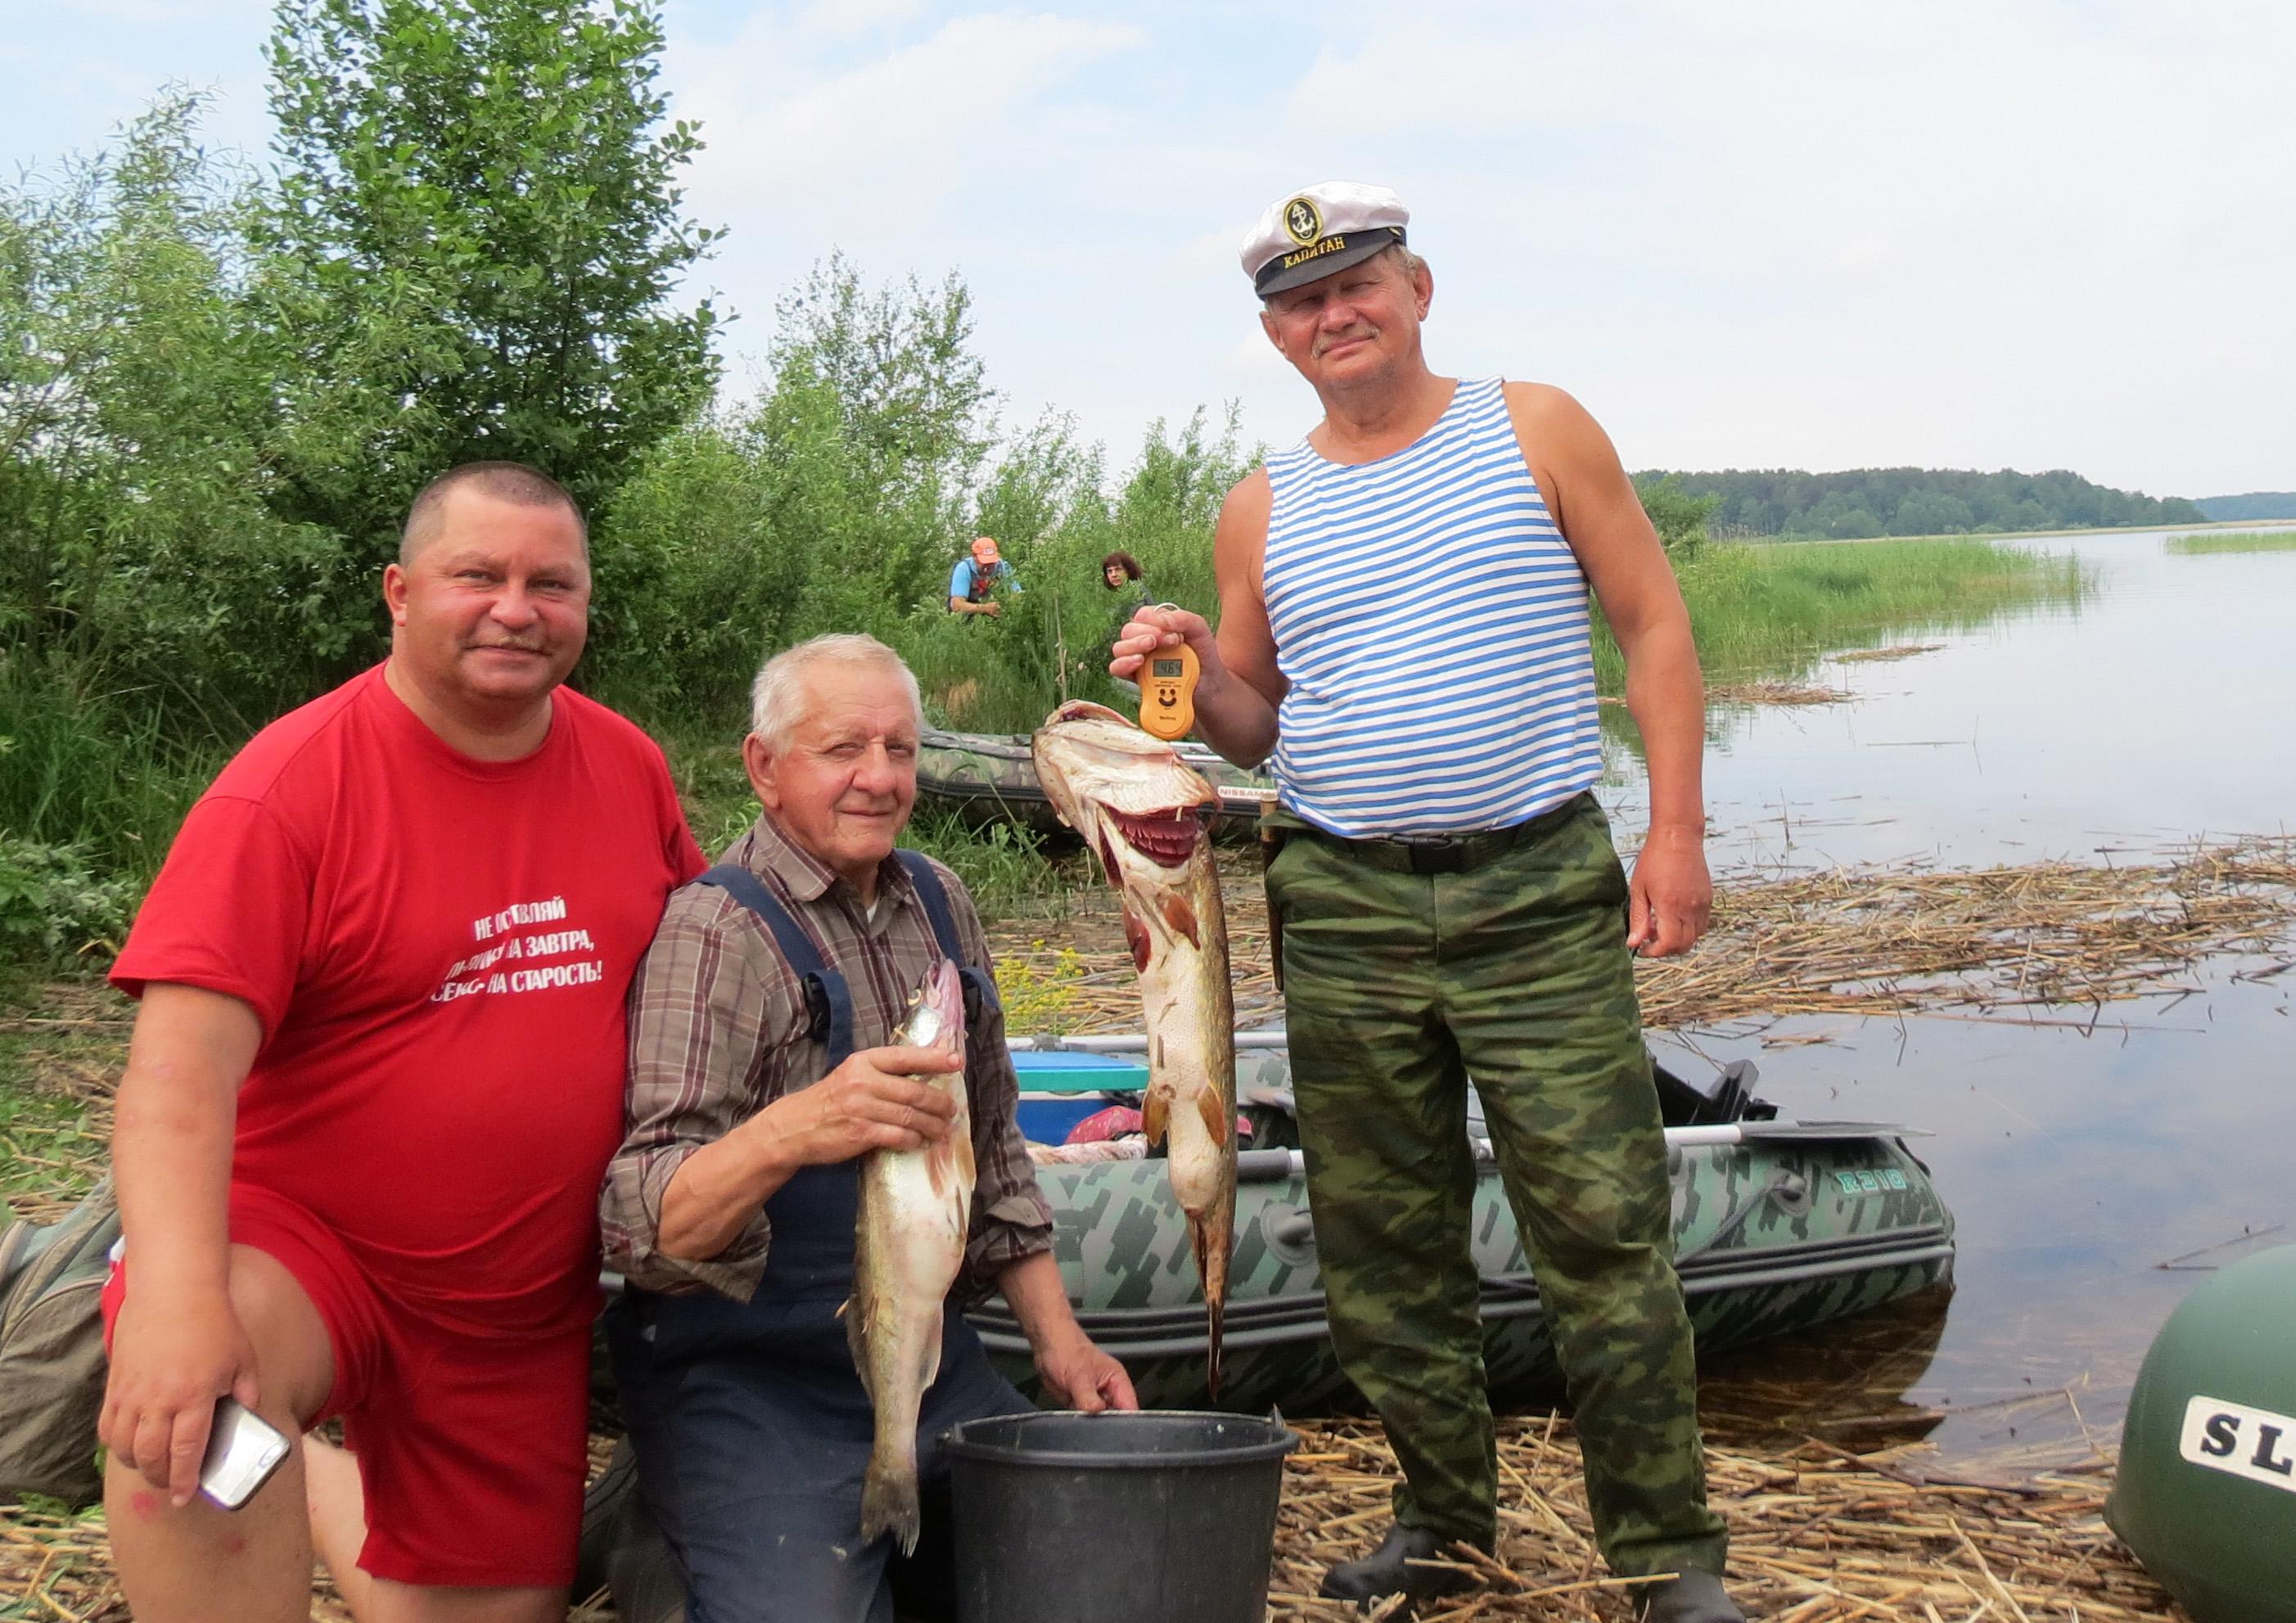 Рыбалка в Раскопельском заливе ровно год назад. Судаки и щуки скучать не давали. Фото автора.